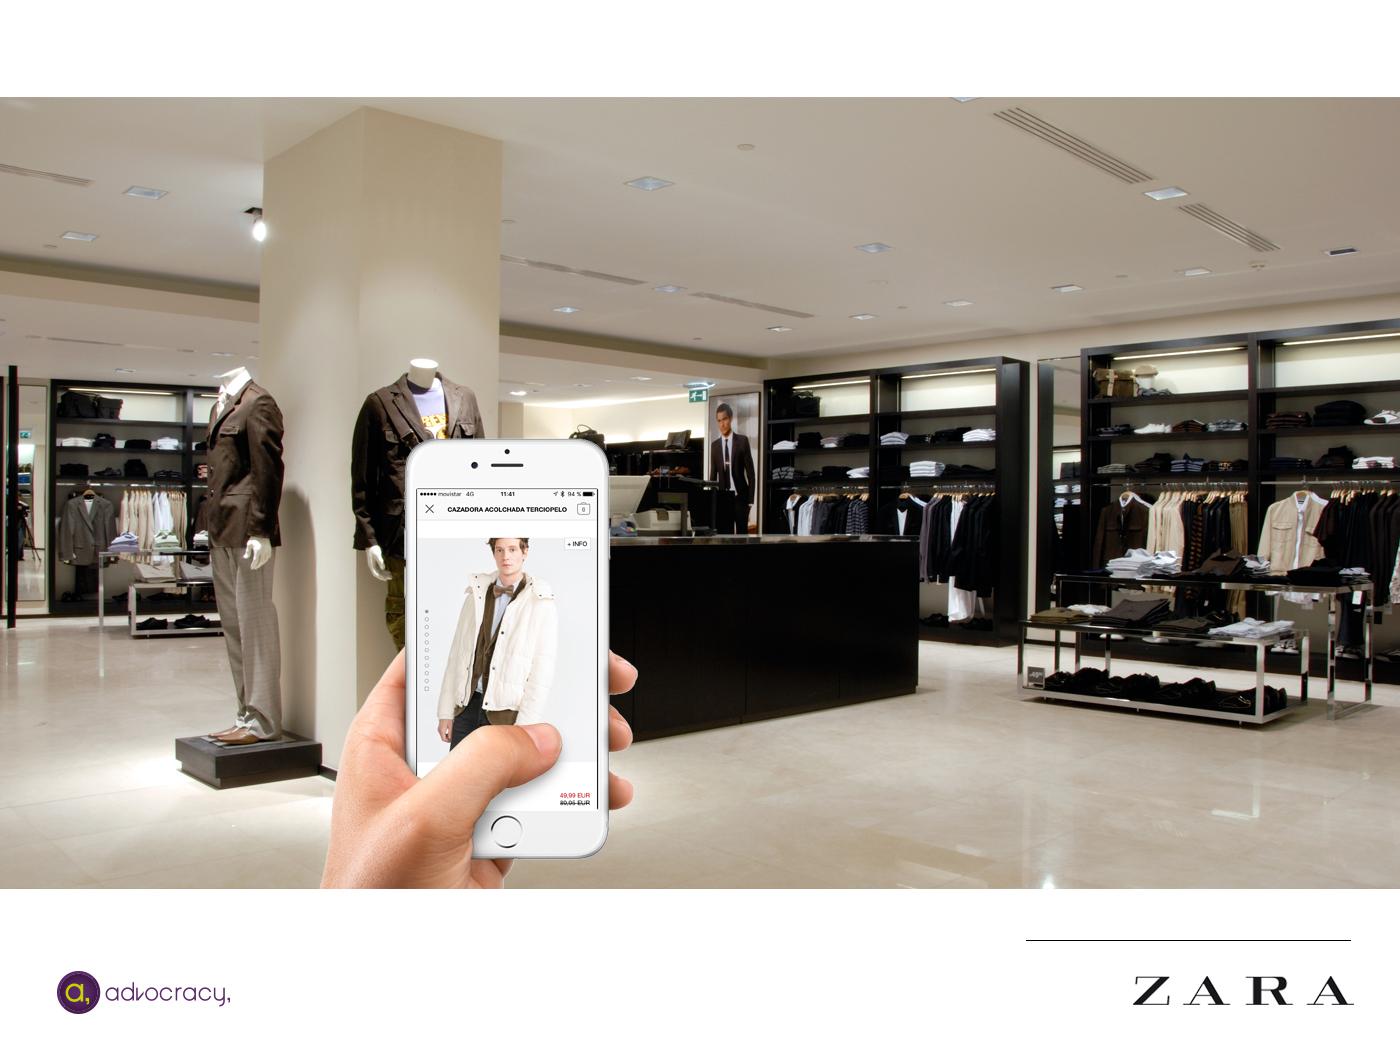 zara-app-man